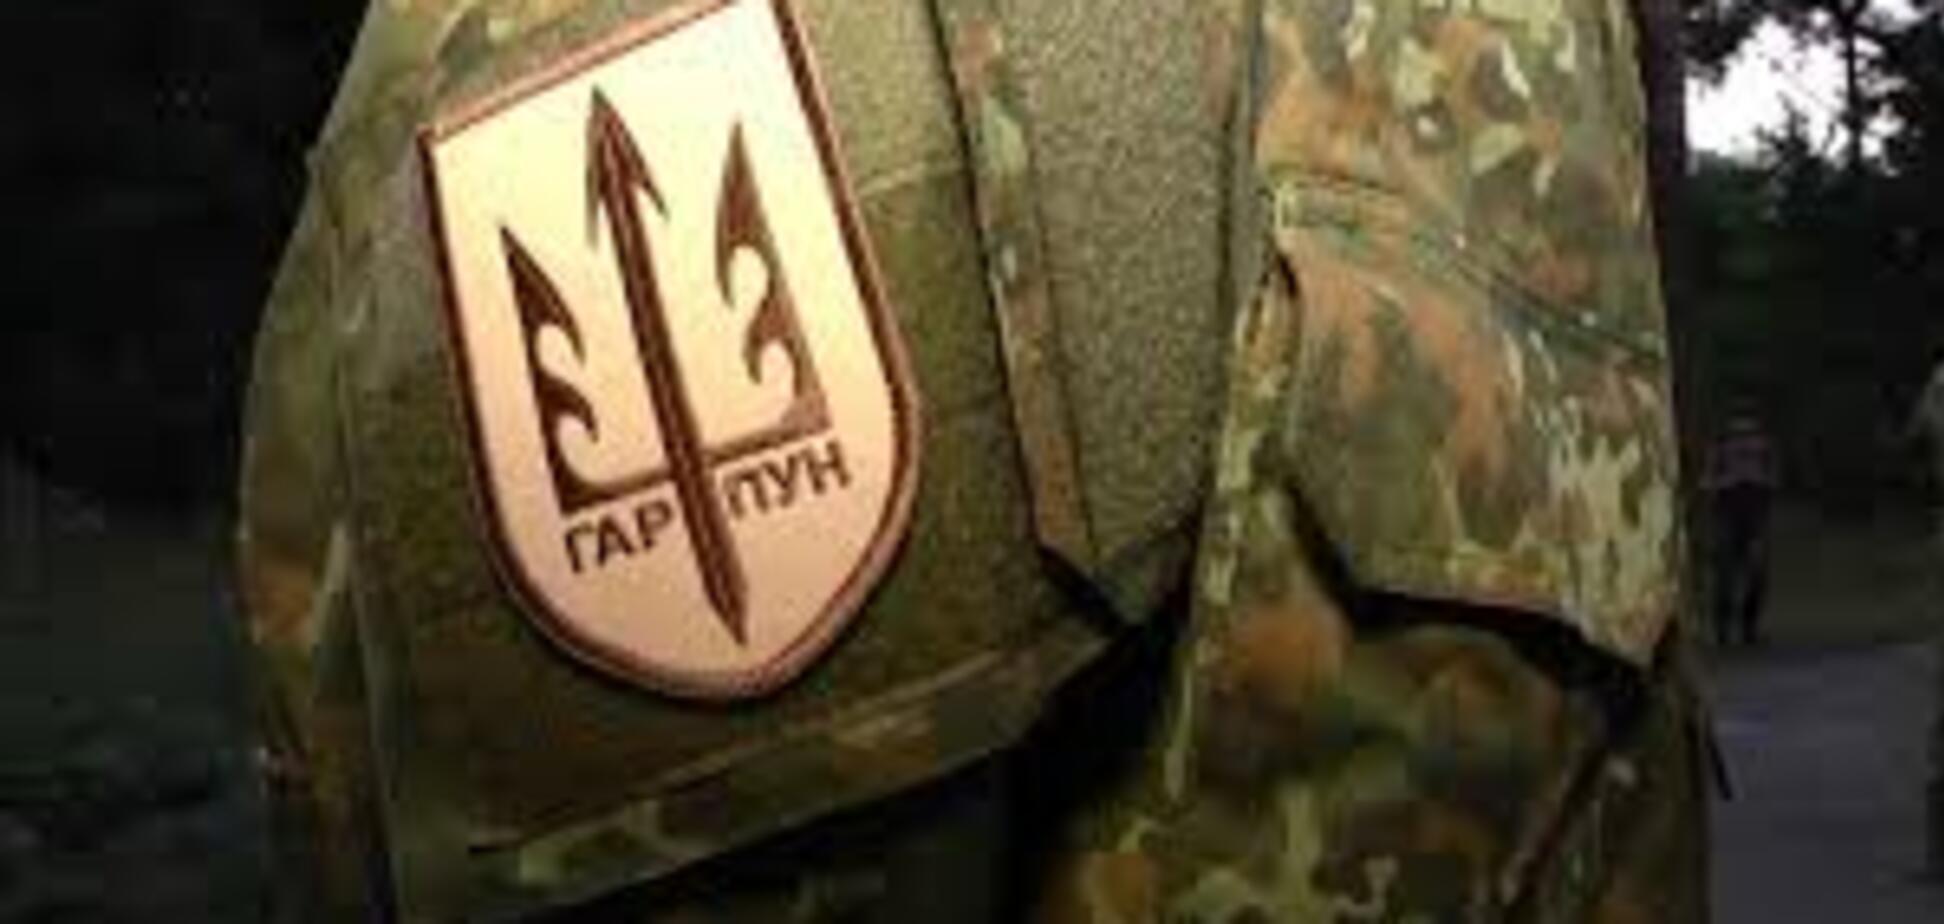 Отсюда и фашисты: АТОшник рассказал, как их отправили на Донбасс в немецкой форме